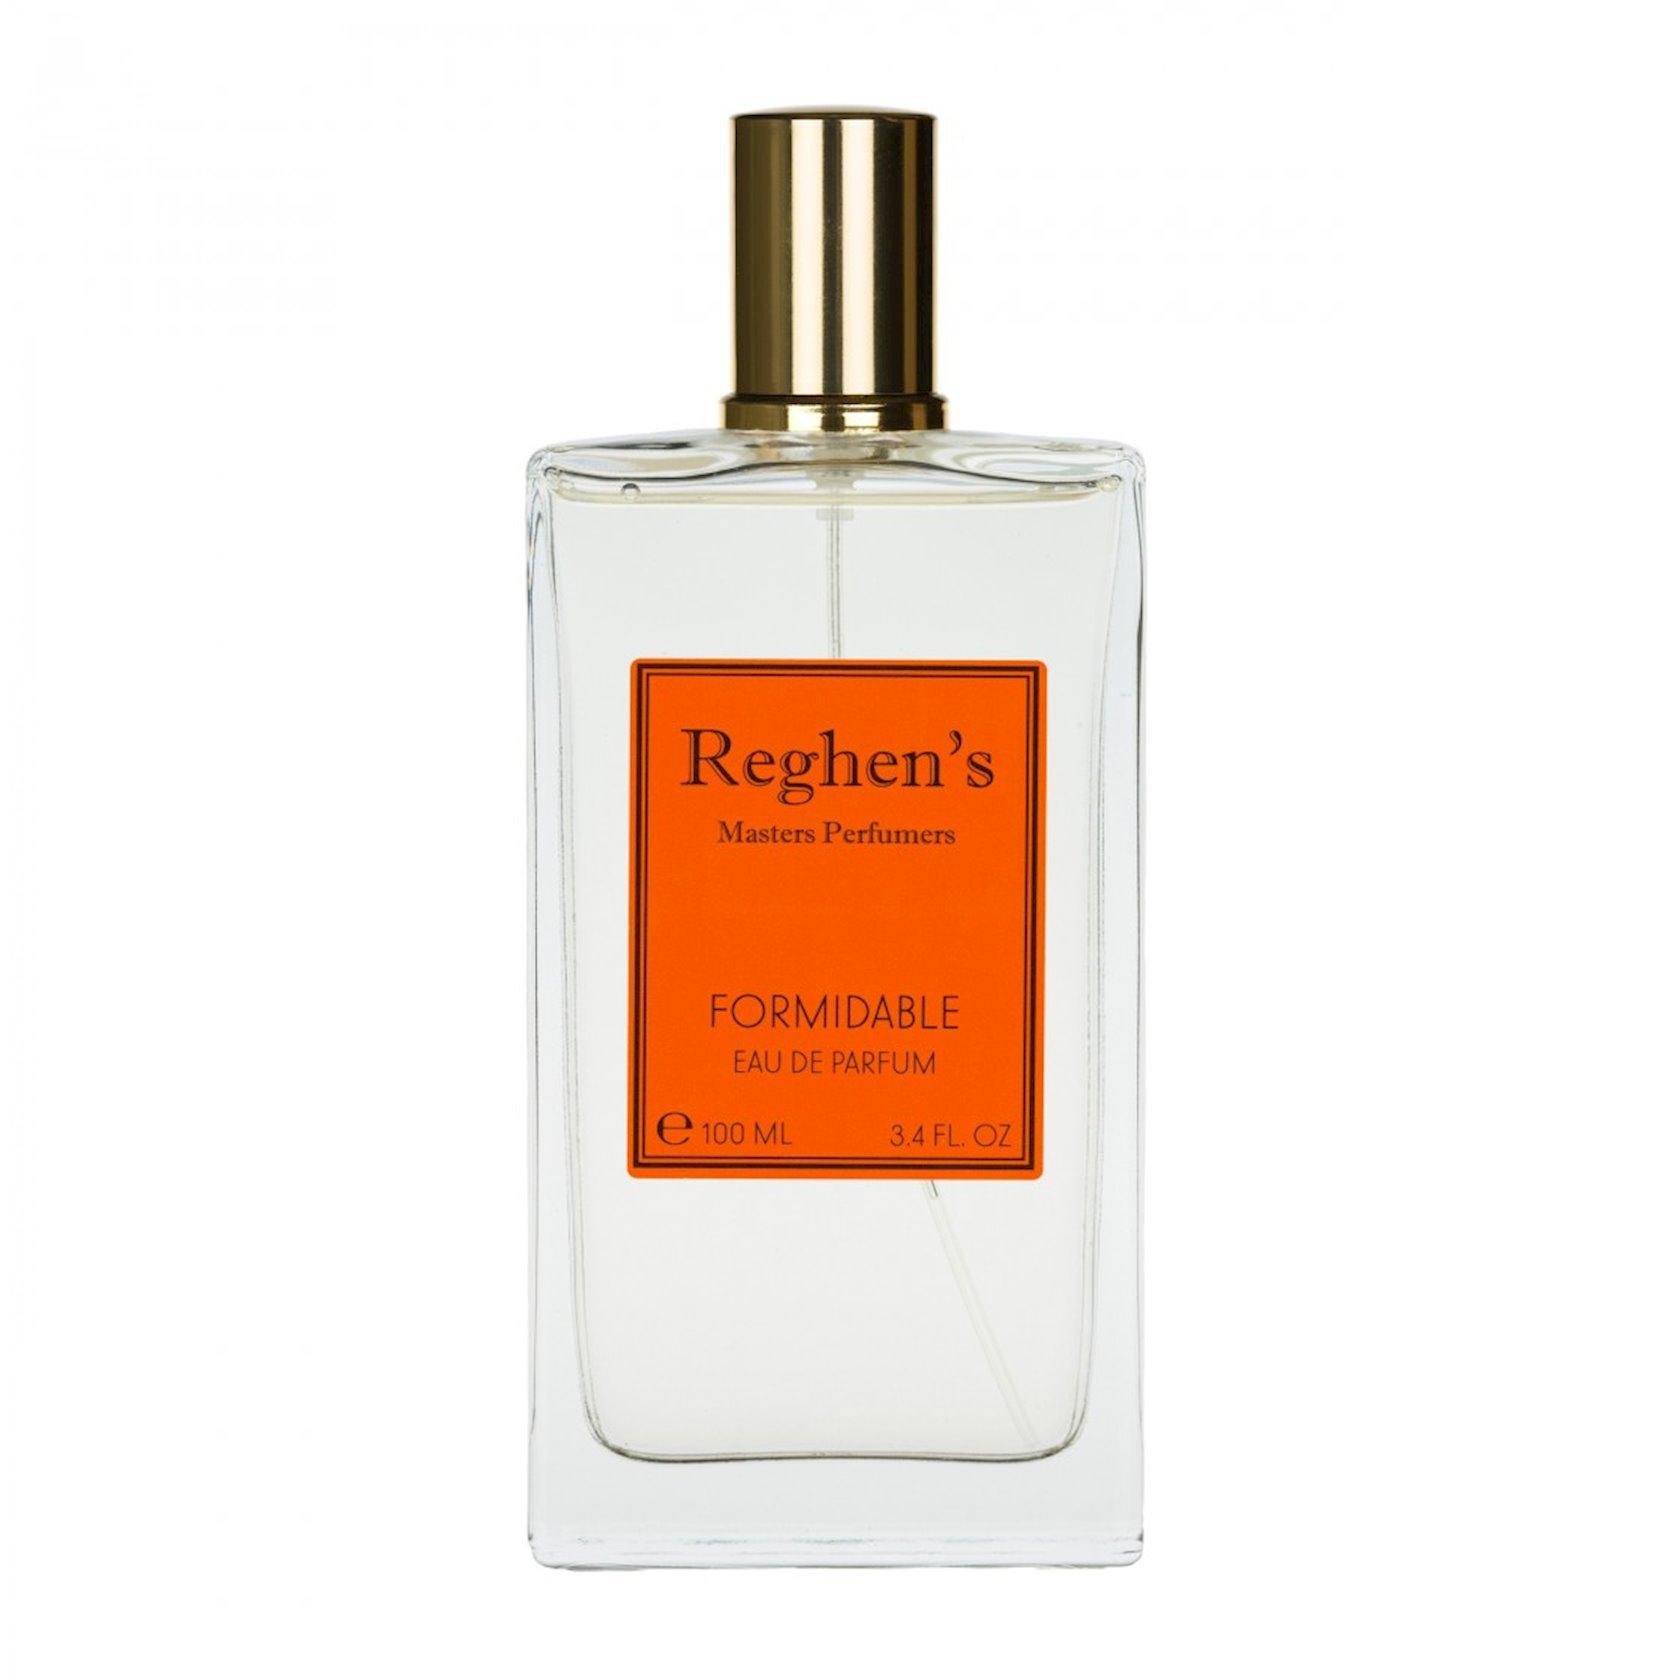 Qadınlar üçün ətir suyu Reghen's Masters Perfumers Formidable 100ml